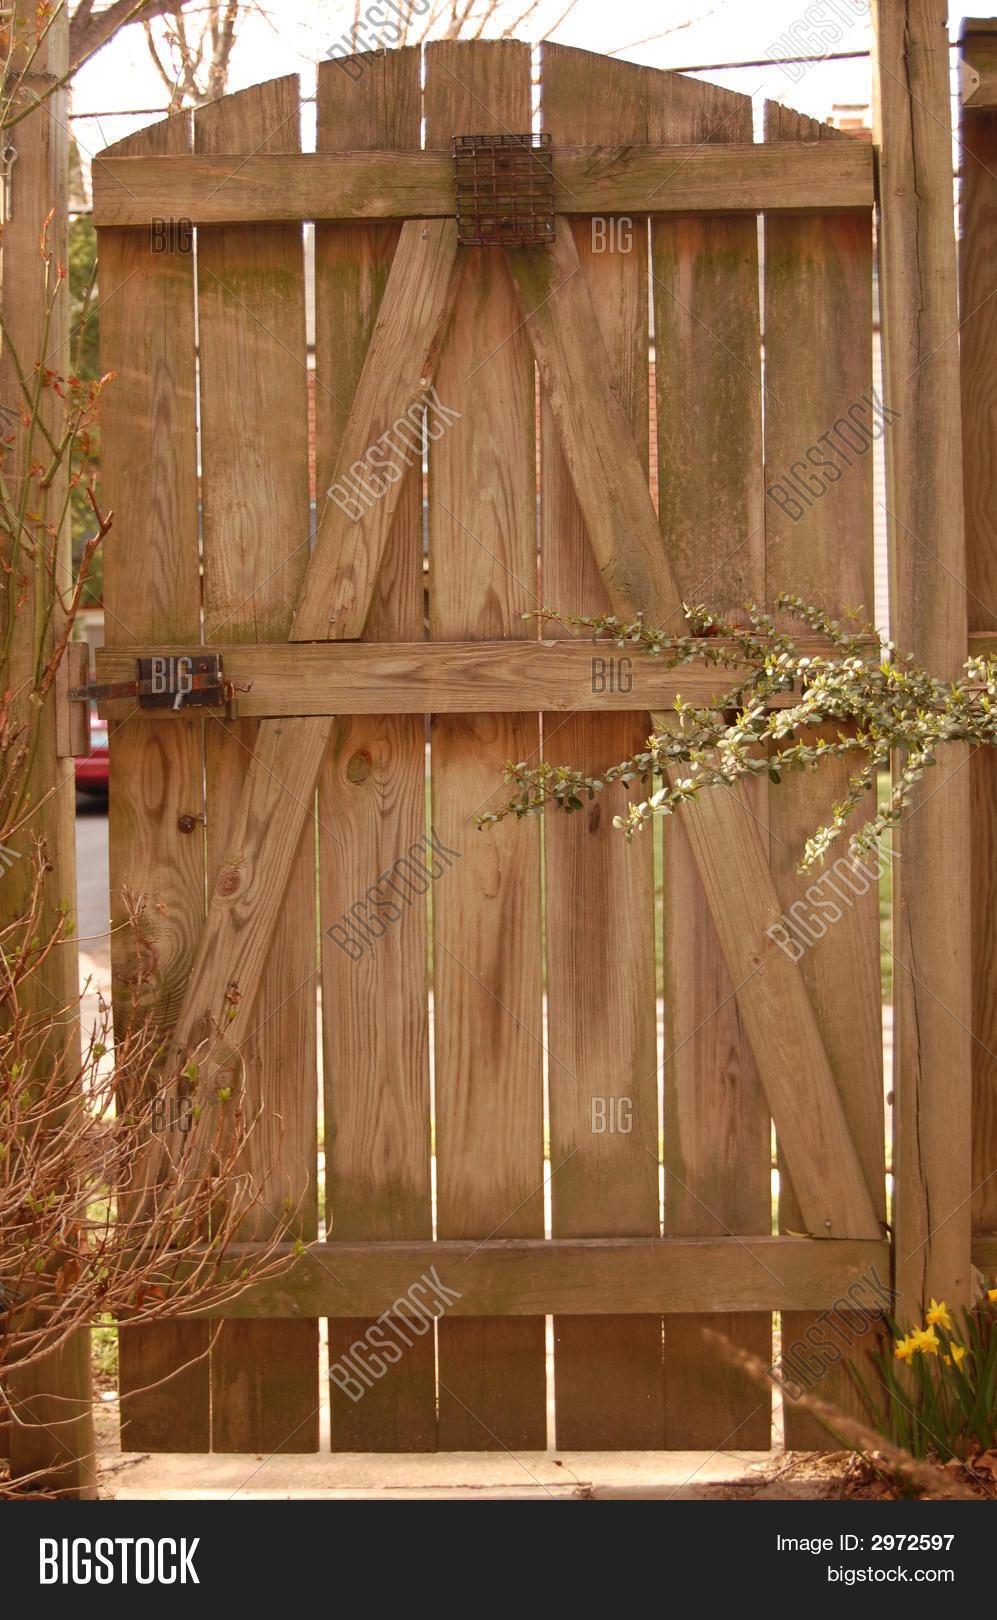 Backyard door image photo bigstock for Backyard door